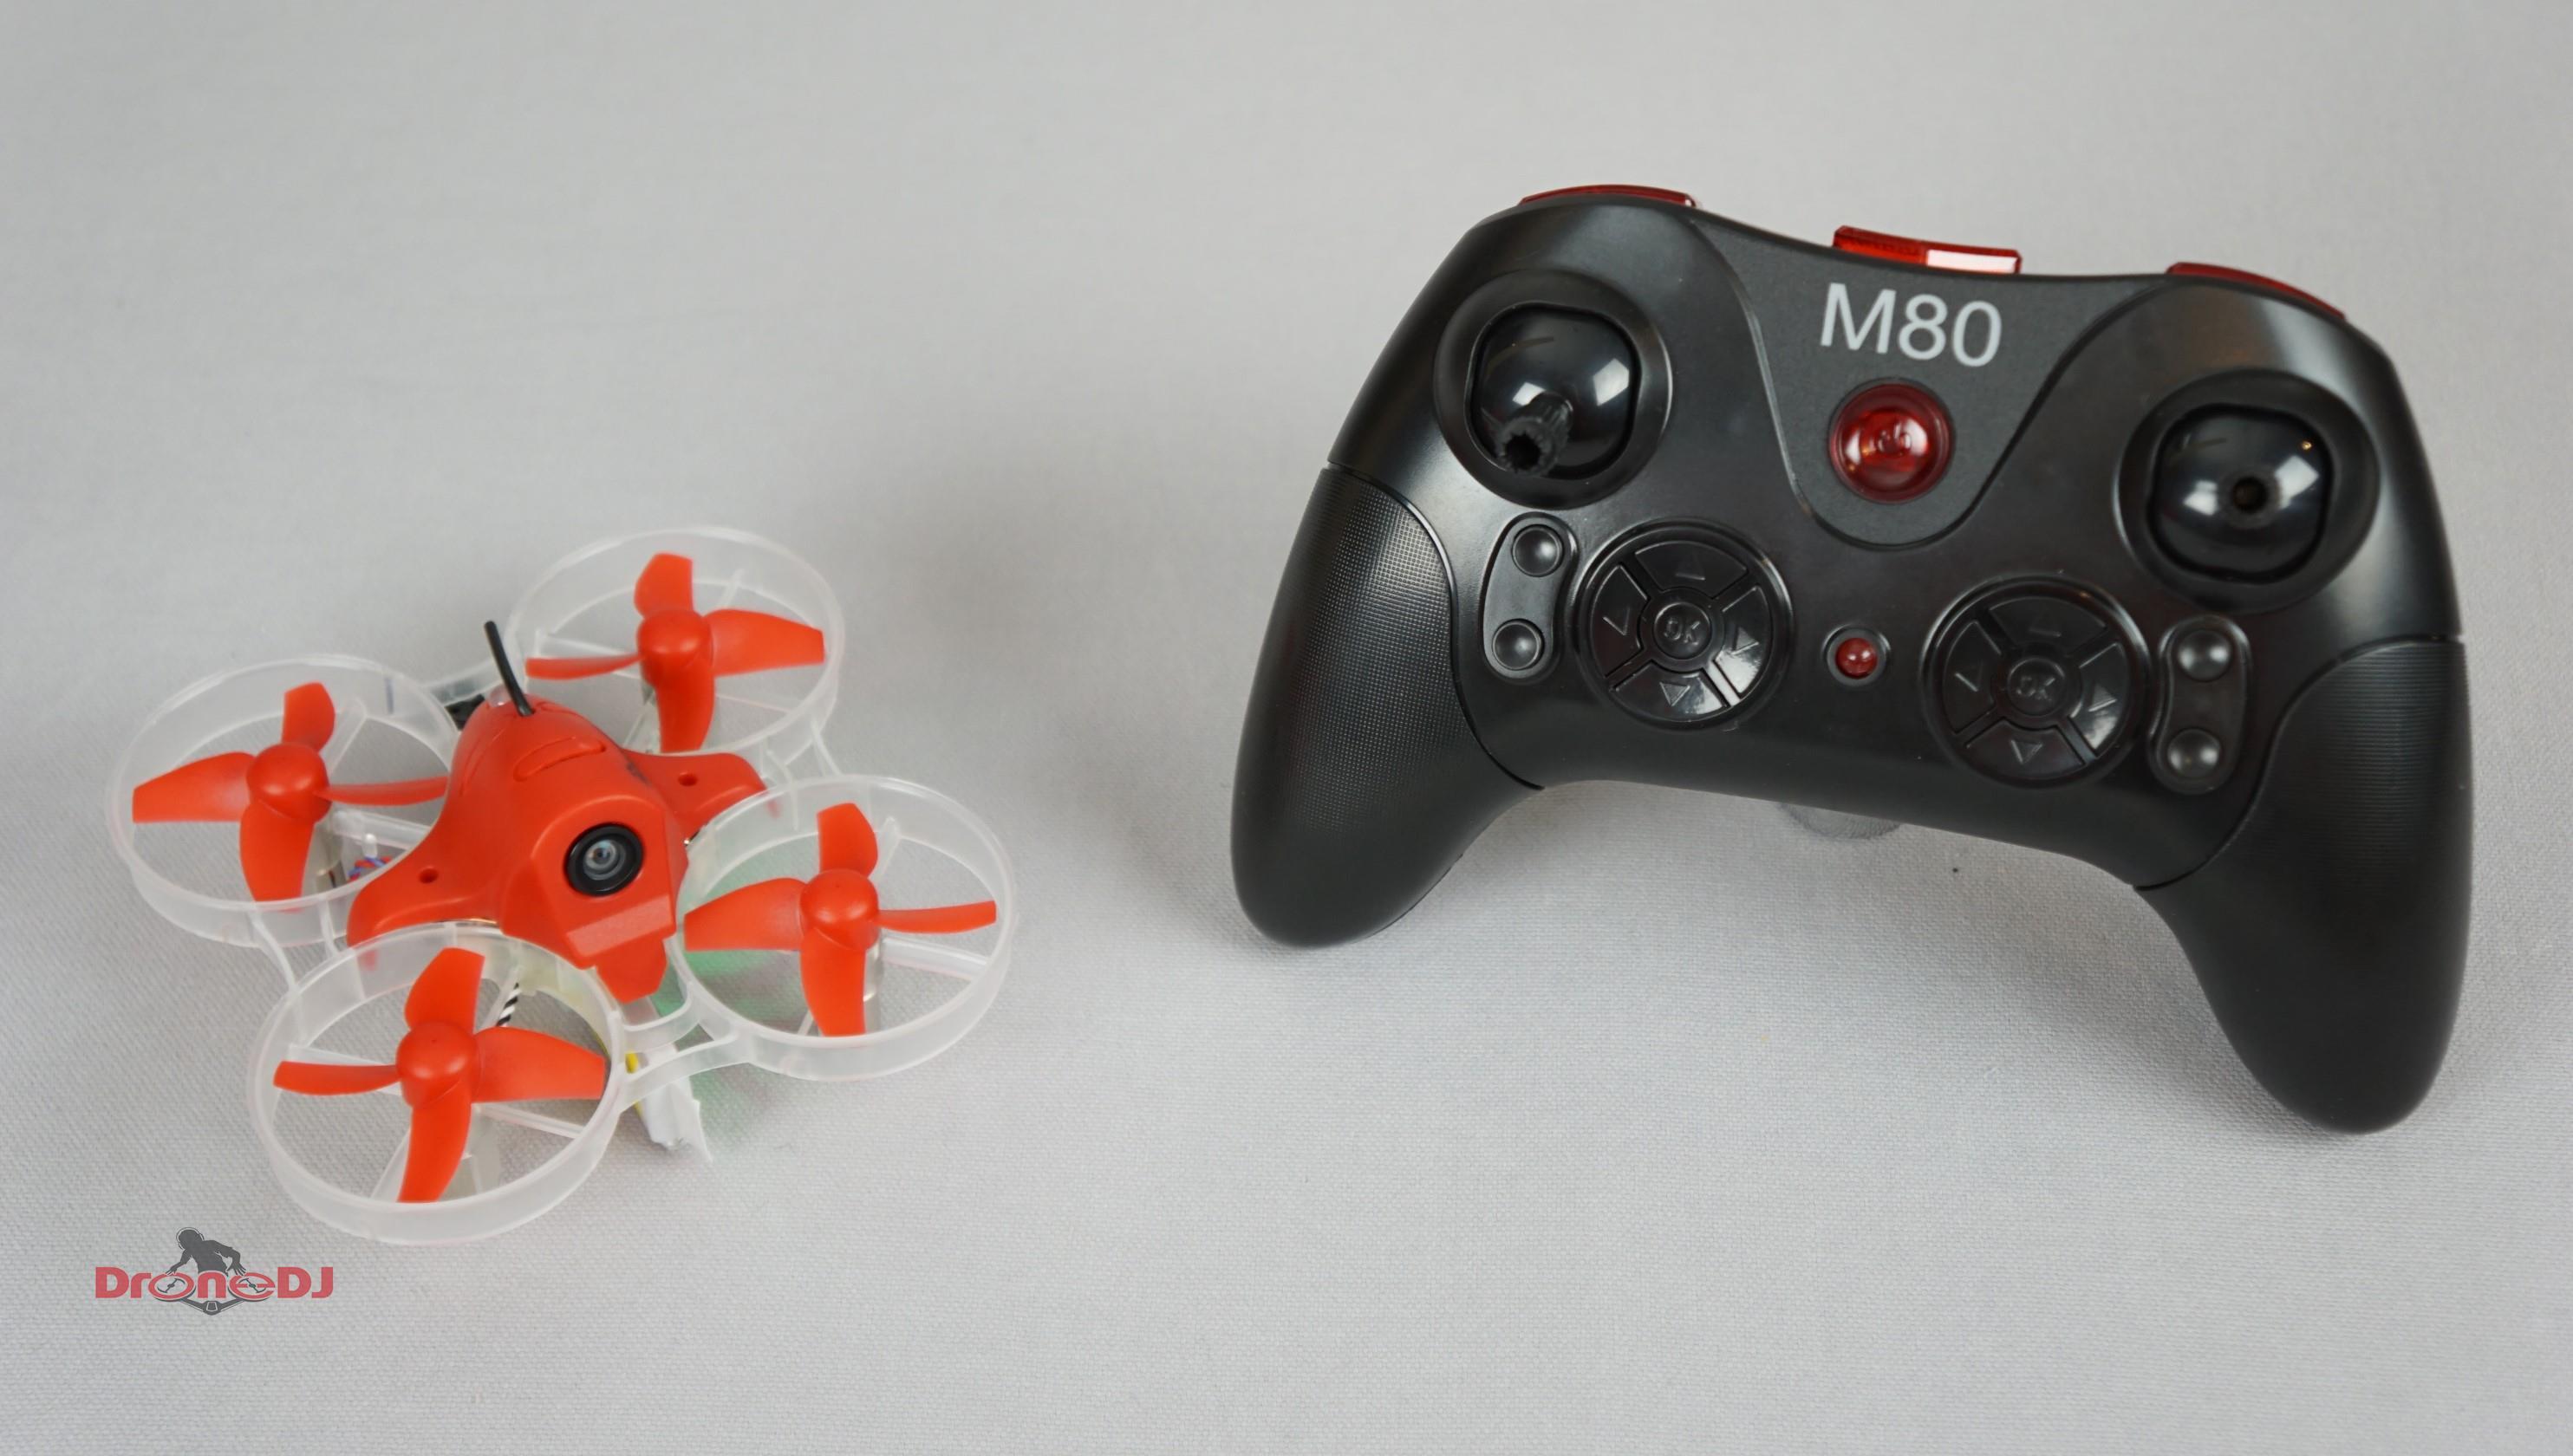 Eachine M80 fpv drone